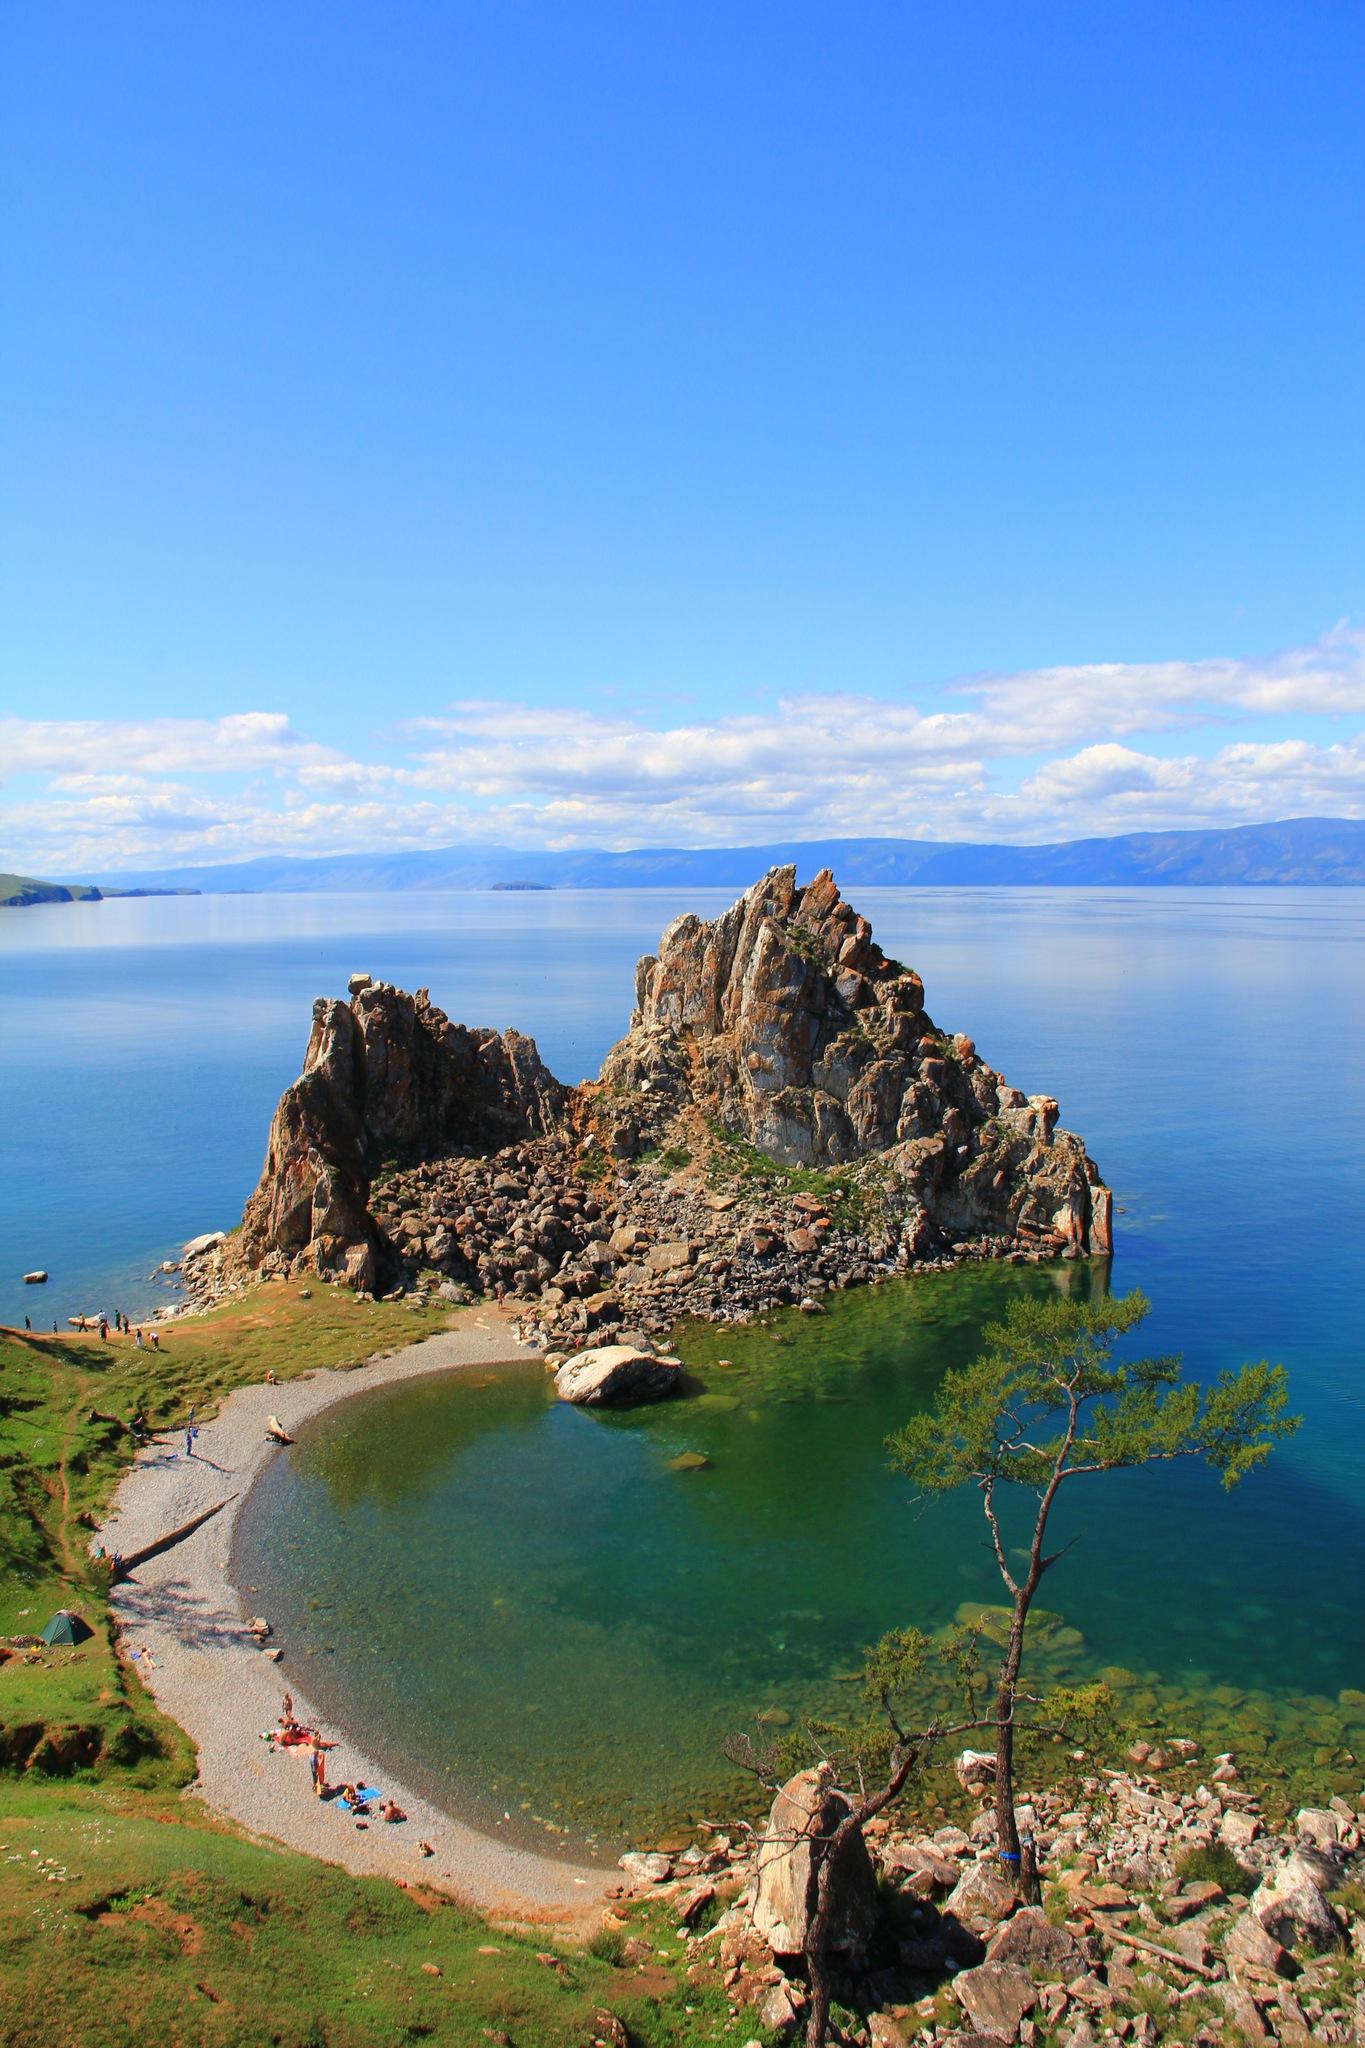 Мы провели на острове пять дней, доехали до мыса хобой, съездили на озеро шара-нур, единственное озеро на острове